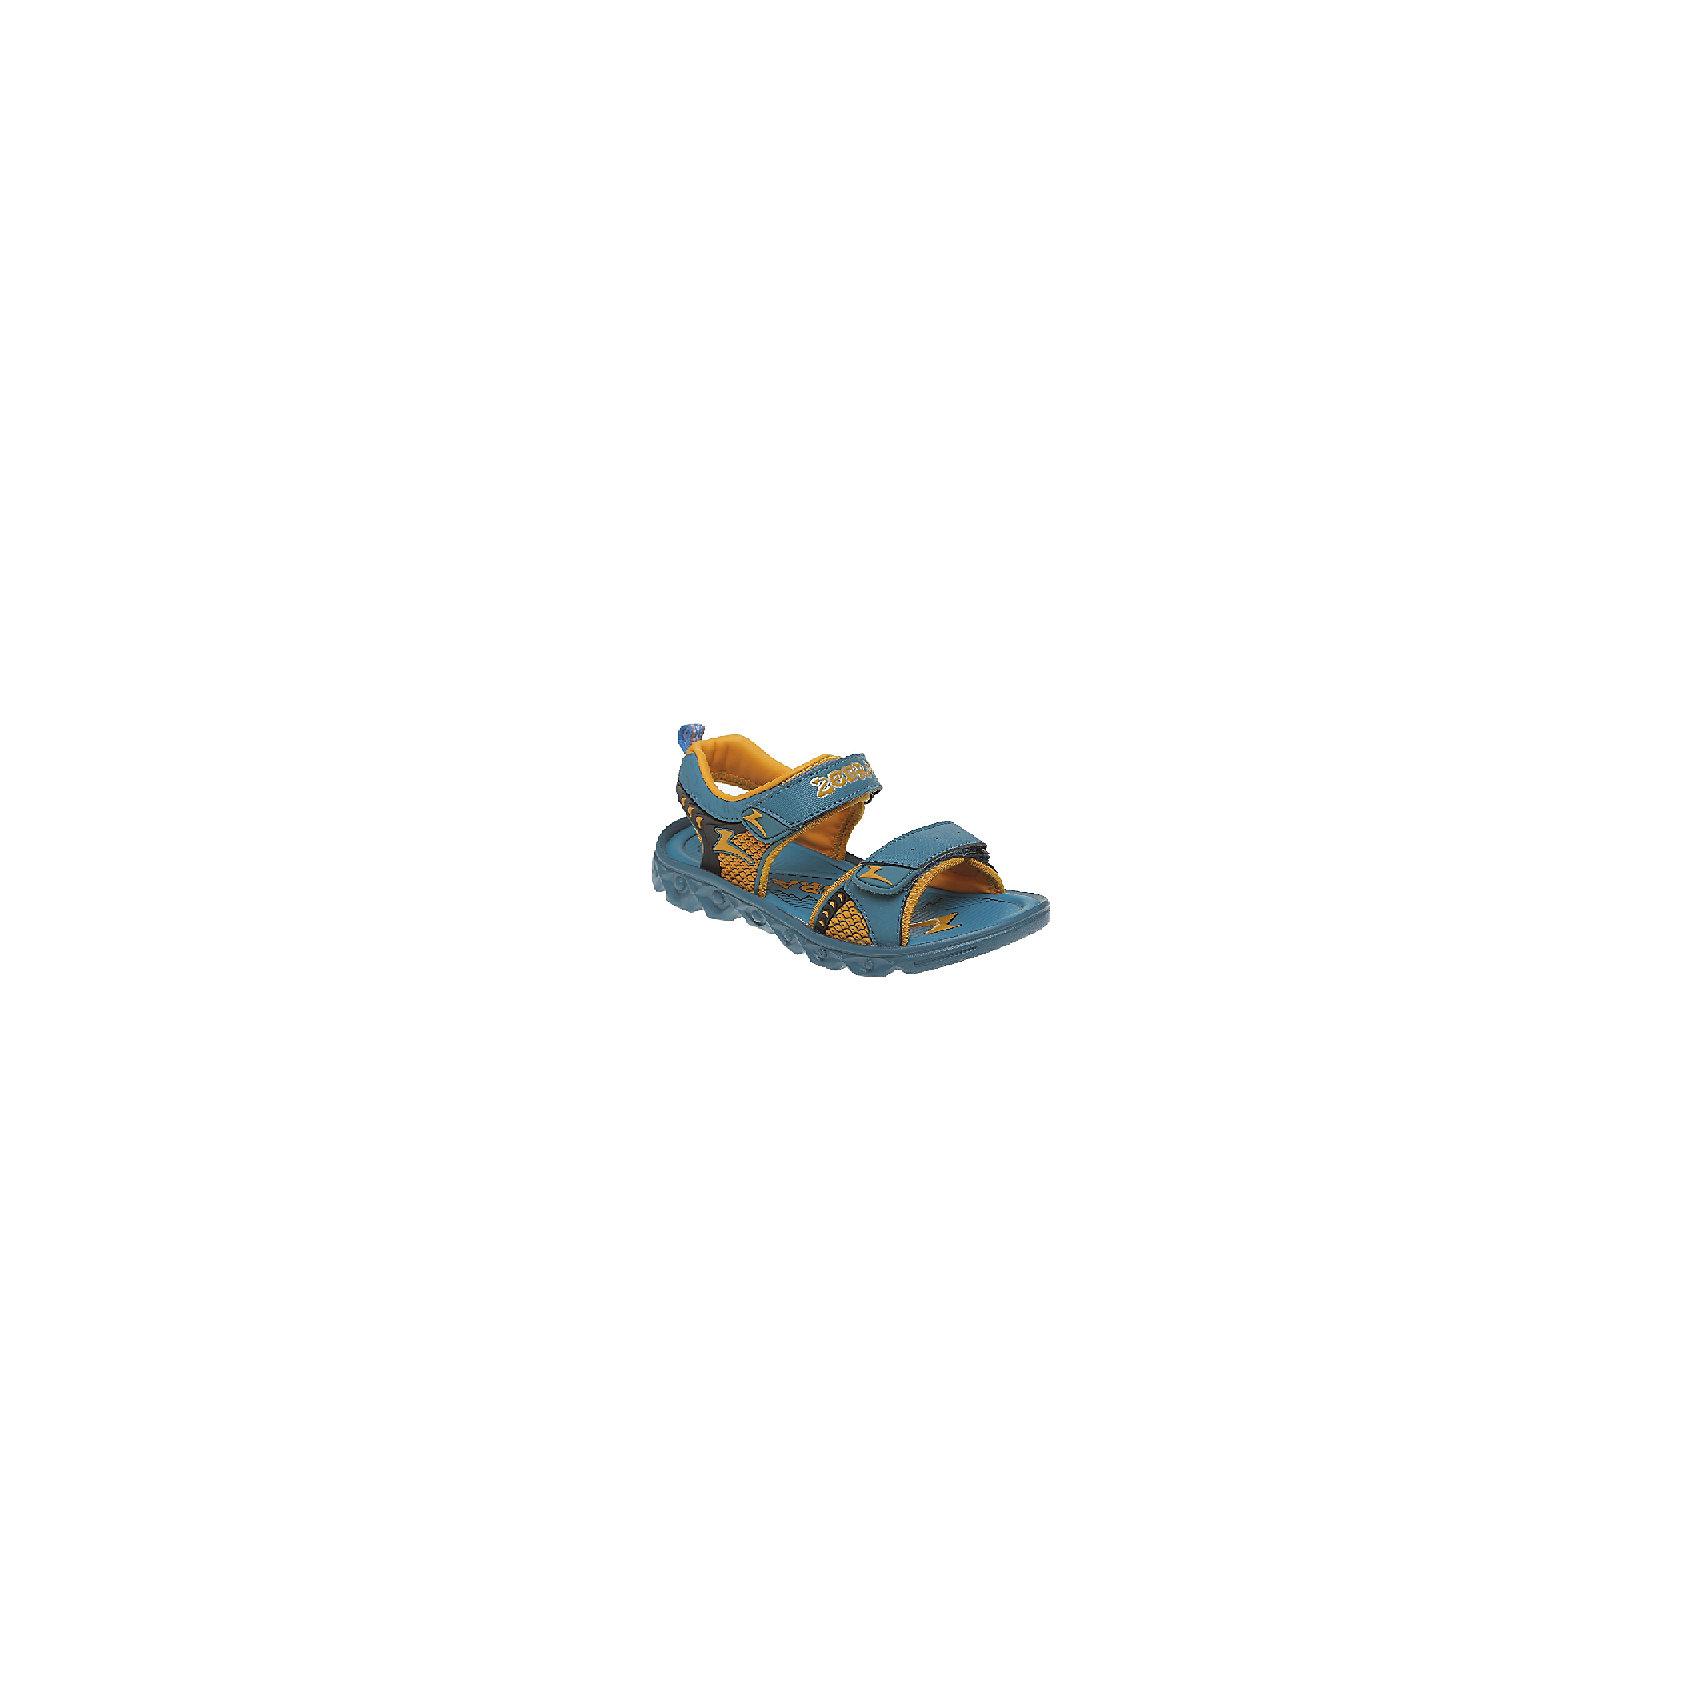 Сандалии для мальчика ЗебраСандалии для мальчика от известного российского бренда детской обуви Зебра.<br>Стильные легкие сандалии – это комфортная и практичная обувь. Они просто застегиваются благодаря липучке, отлично прилегают к ноге.<br>- модный дизайн;<br>- цвет синий, с контрастными элементами;<br>- комфортная колодка;<br>- устойчивая износостойкая подошва;<br>- удобные застежки-липучки;<br>- мягкий верхний кант для предотвращения потертостей;<br>- качественный материал.<br>Дополнительная информация:<br>- Температурный режим: от + 15° С  до + 35° С.<br>- Состав:<br>материал верха: искусственная кожа<br>материал подкладки: текстиль<br>подошва: ПУ.<br>Сандалии для мальчика от бренда Зебра можно купить в нашем магазине.<br><br>Ширина мм: 219<br>Глубина мм: 154<br>Высота мм: 121<br>Вес г: 343<br>Цвет: голубой<br>Возраст от месяцев: 120<br>Возраст до месяцев: 132<br>Пол: Мужской<br>Возраст: Детский<br>Размер: 34,37,33,35,36<br>SKU: 4101246